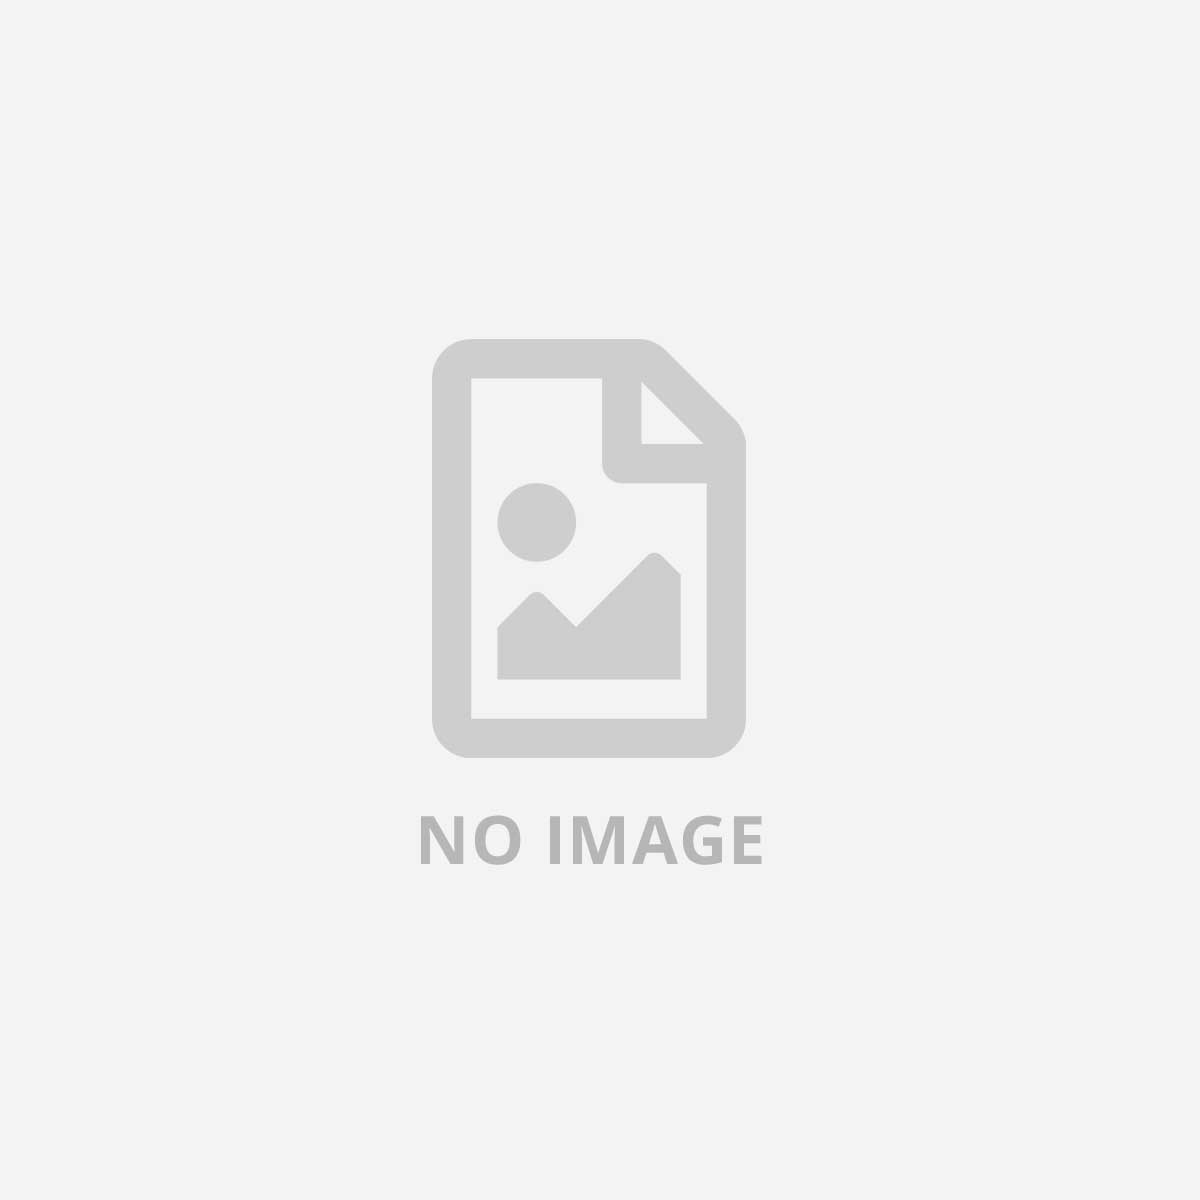 SONY WALKMAN MP3 WS413 NERO